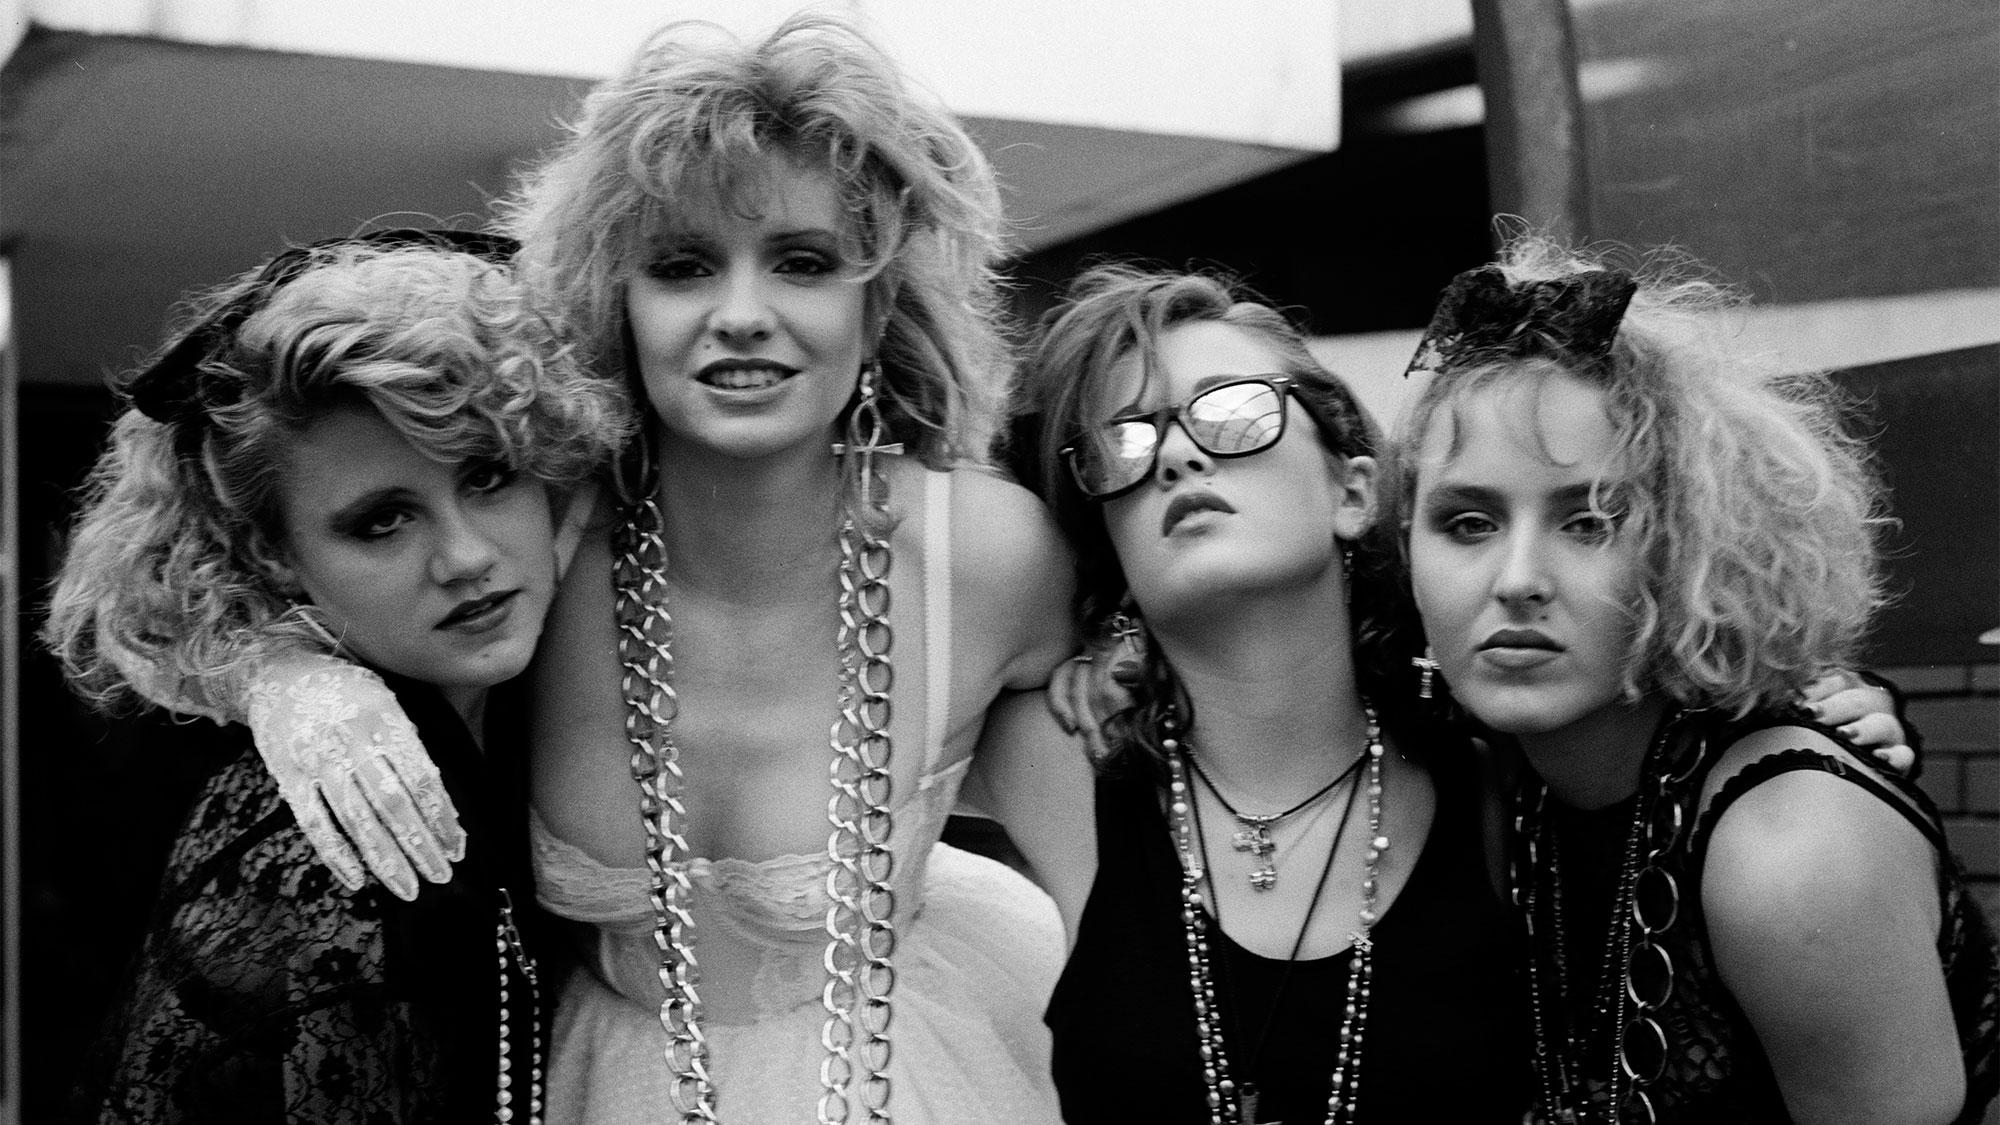 1980s clothing